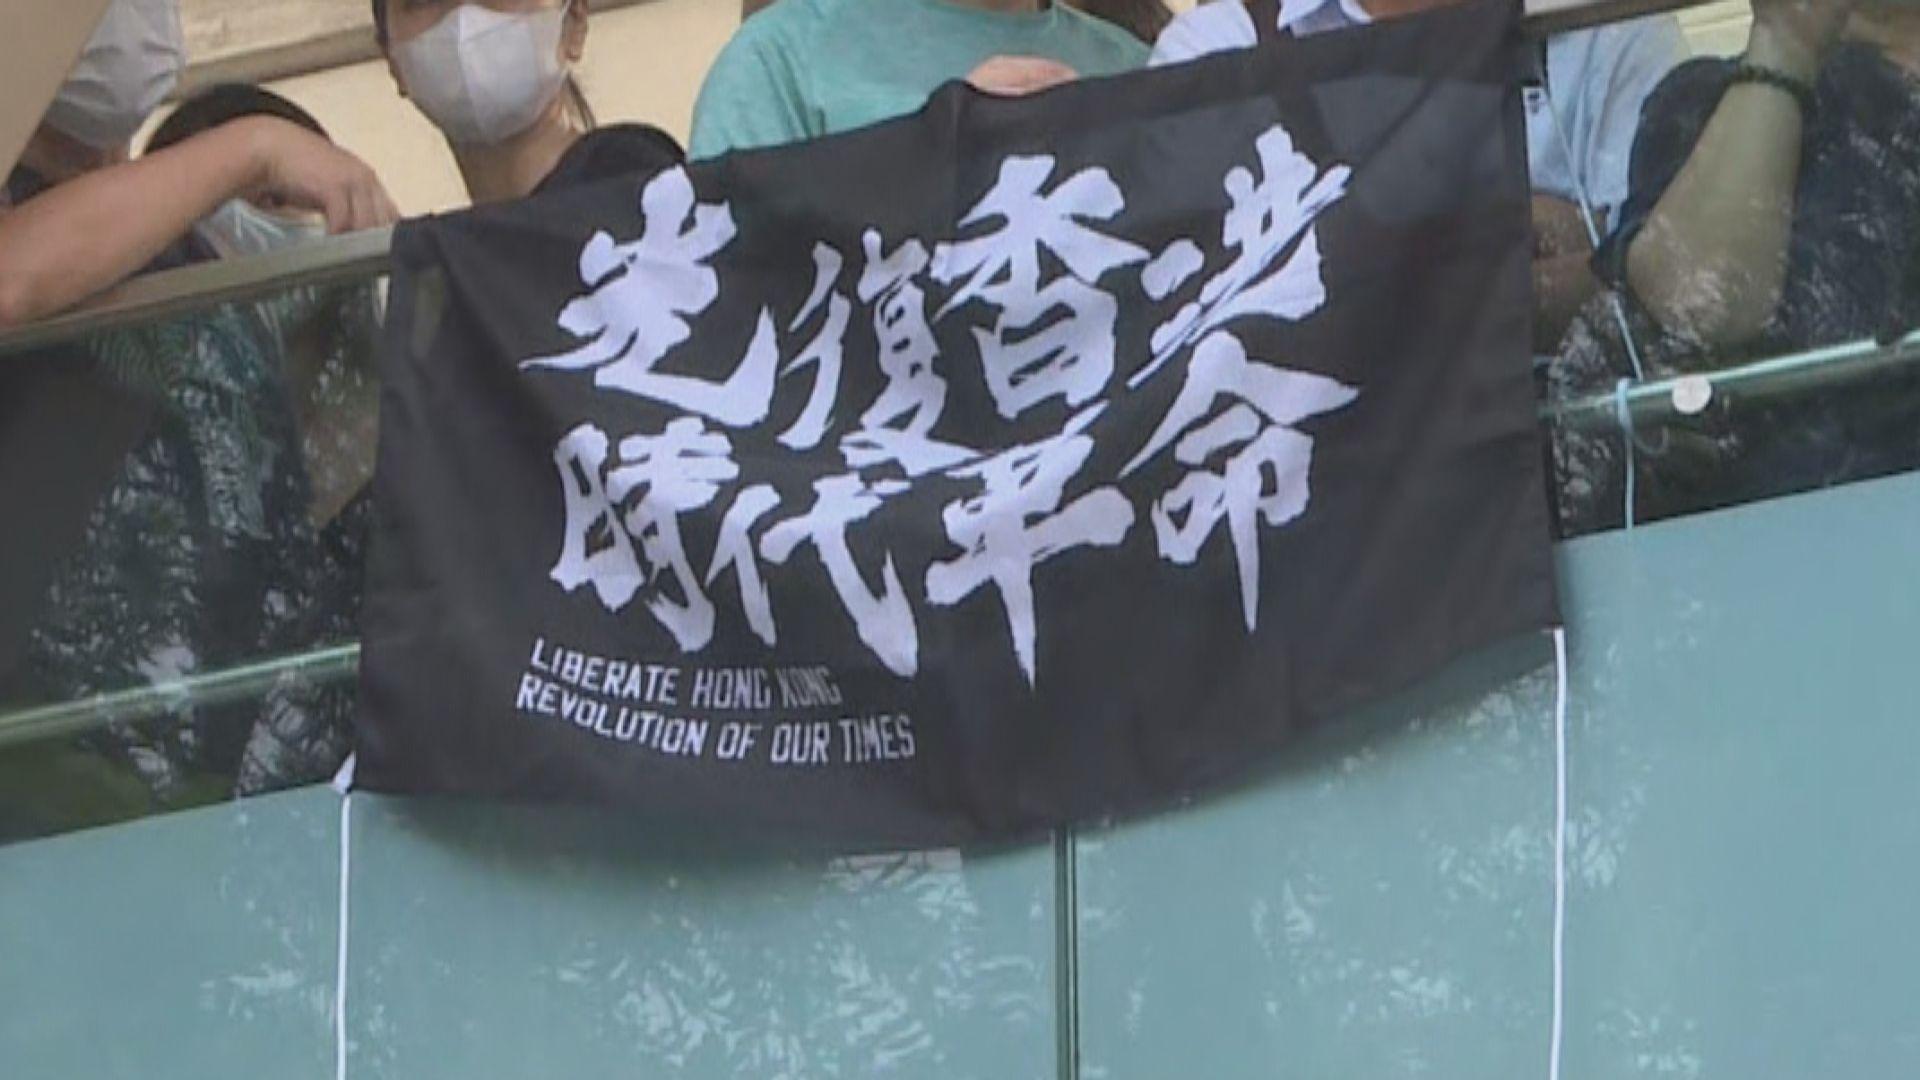 政府:「光復香港 時代革命」有港獨或顛覆國家政權含意